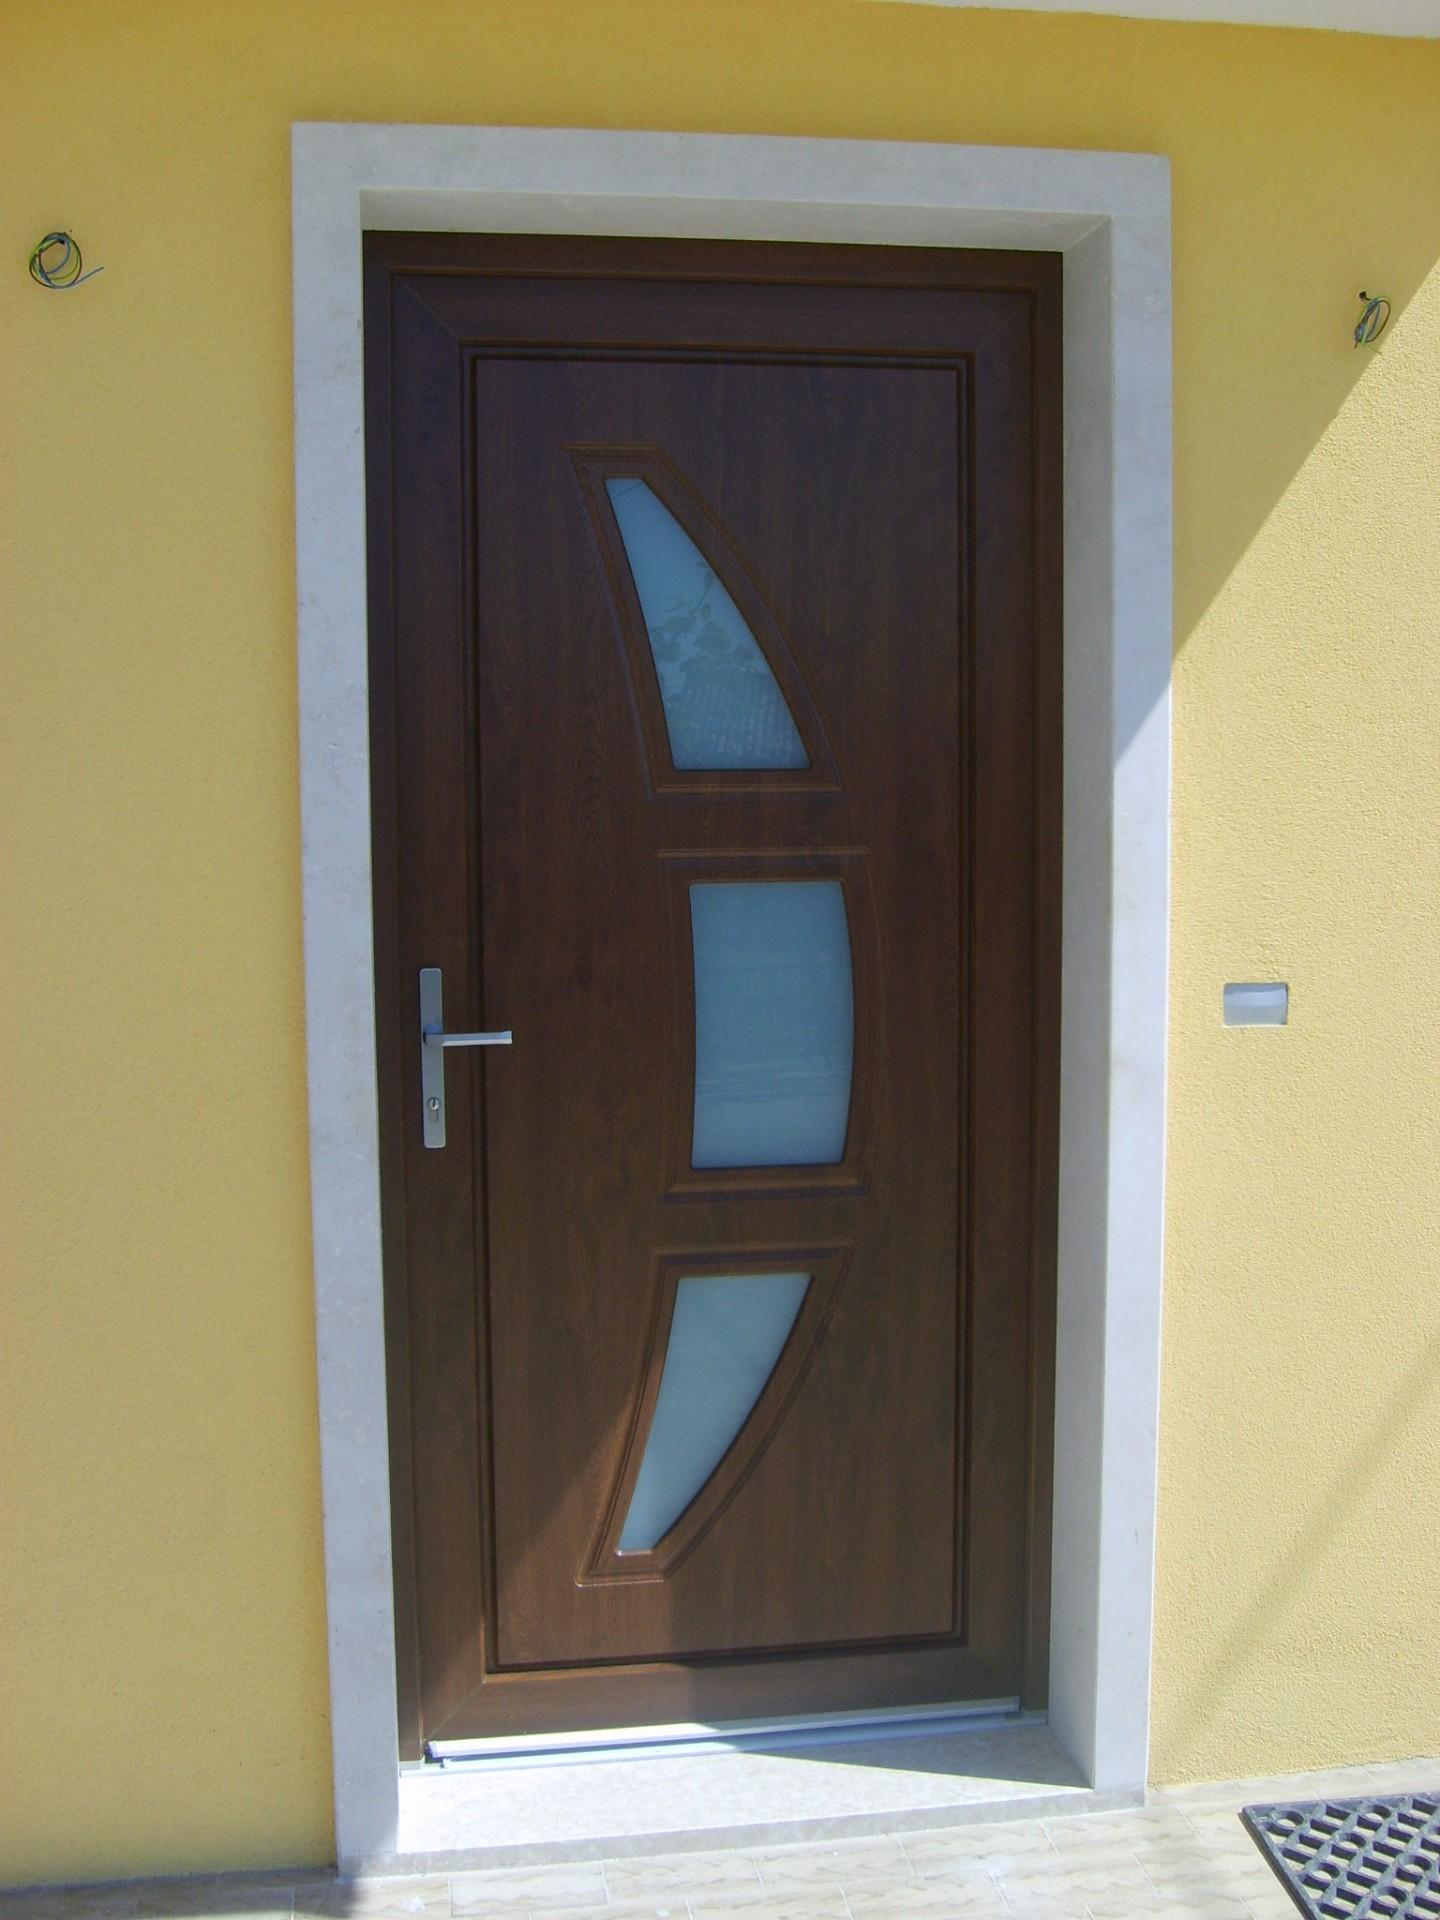 Serramenti e portoncino in pvc infix for Infix serramenti e porte